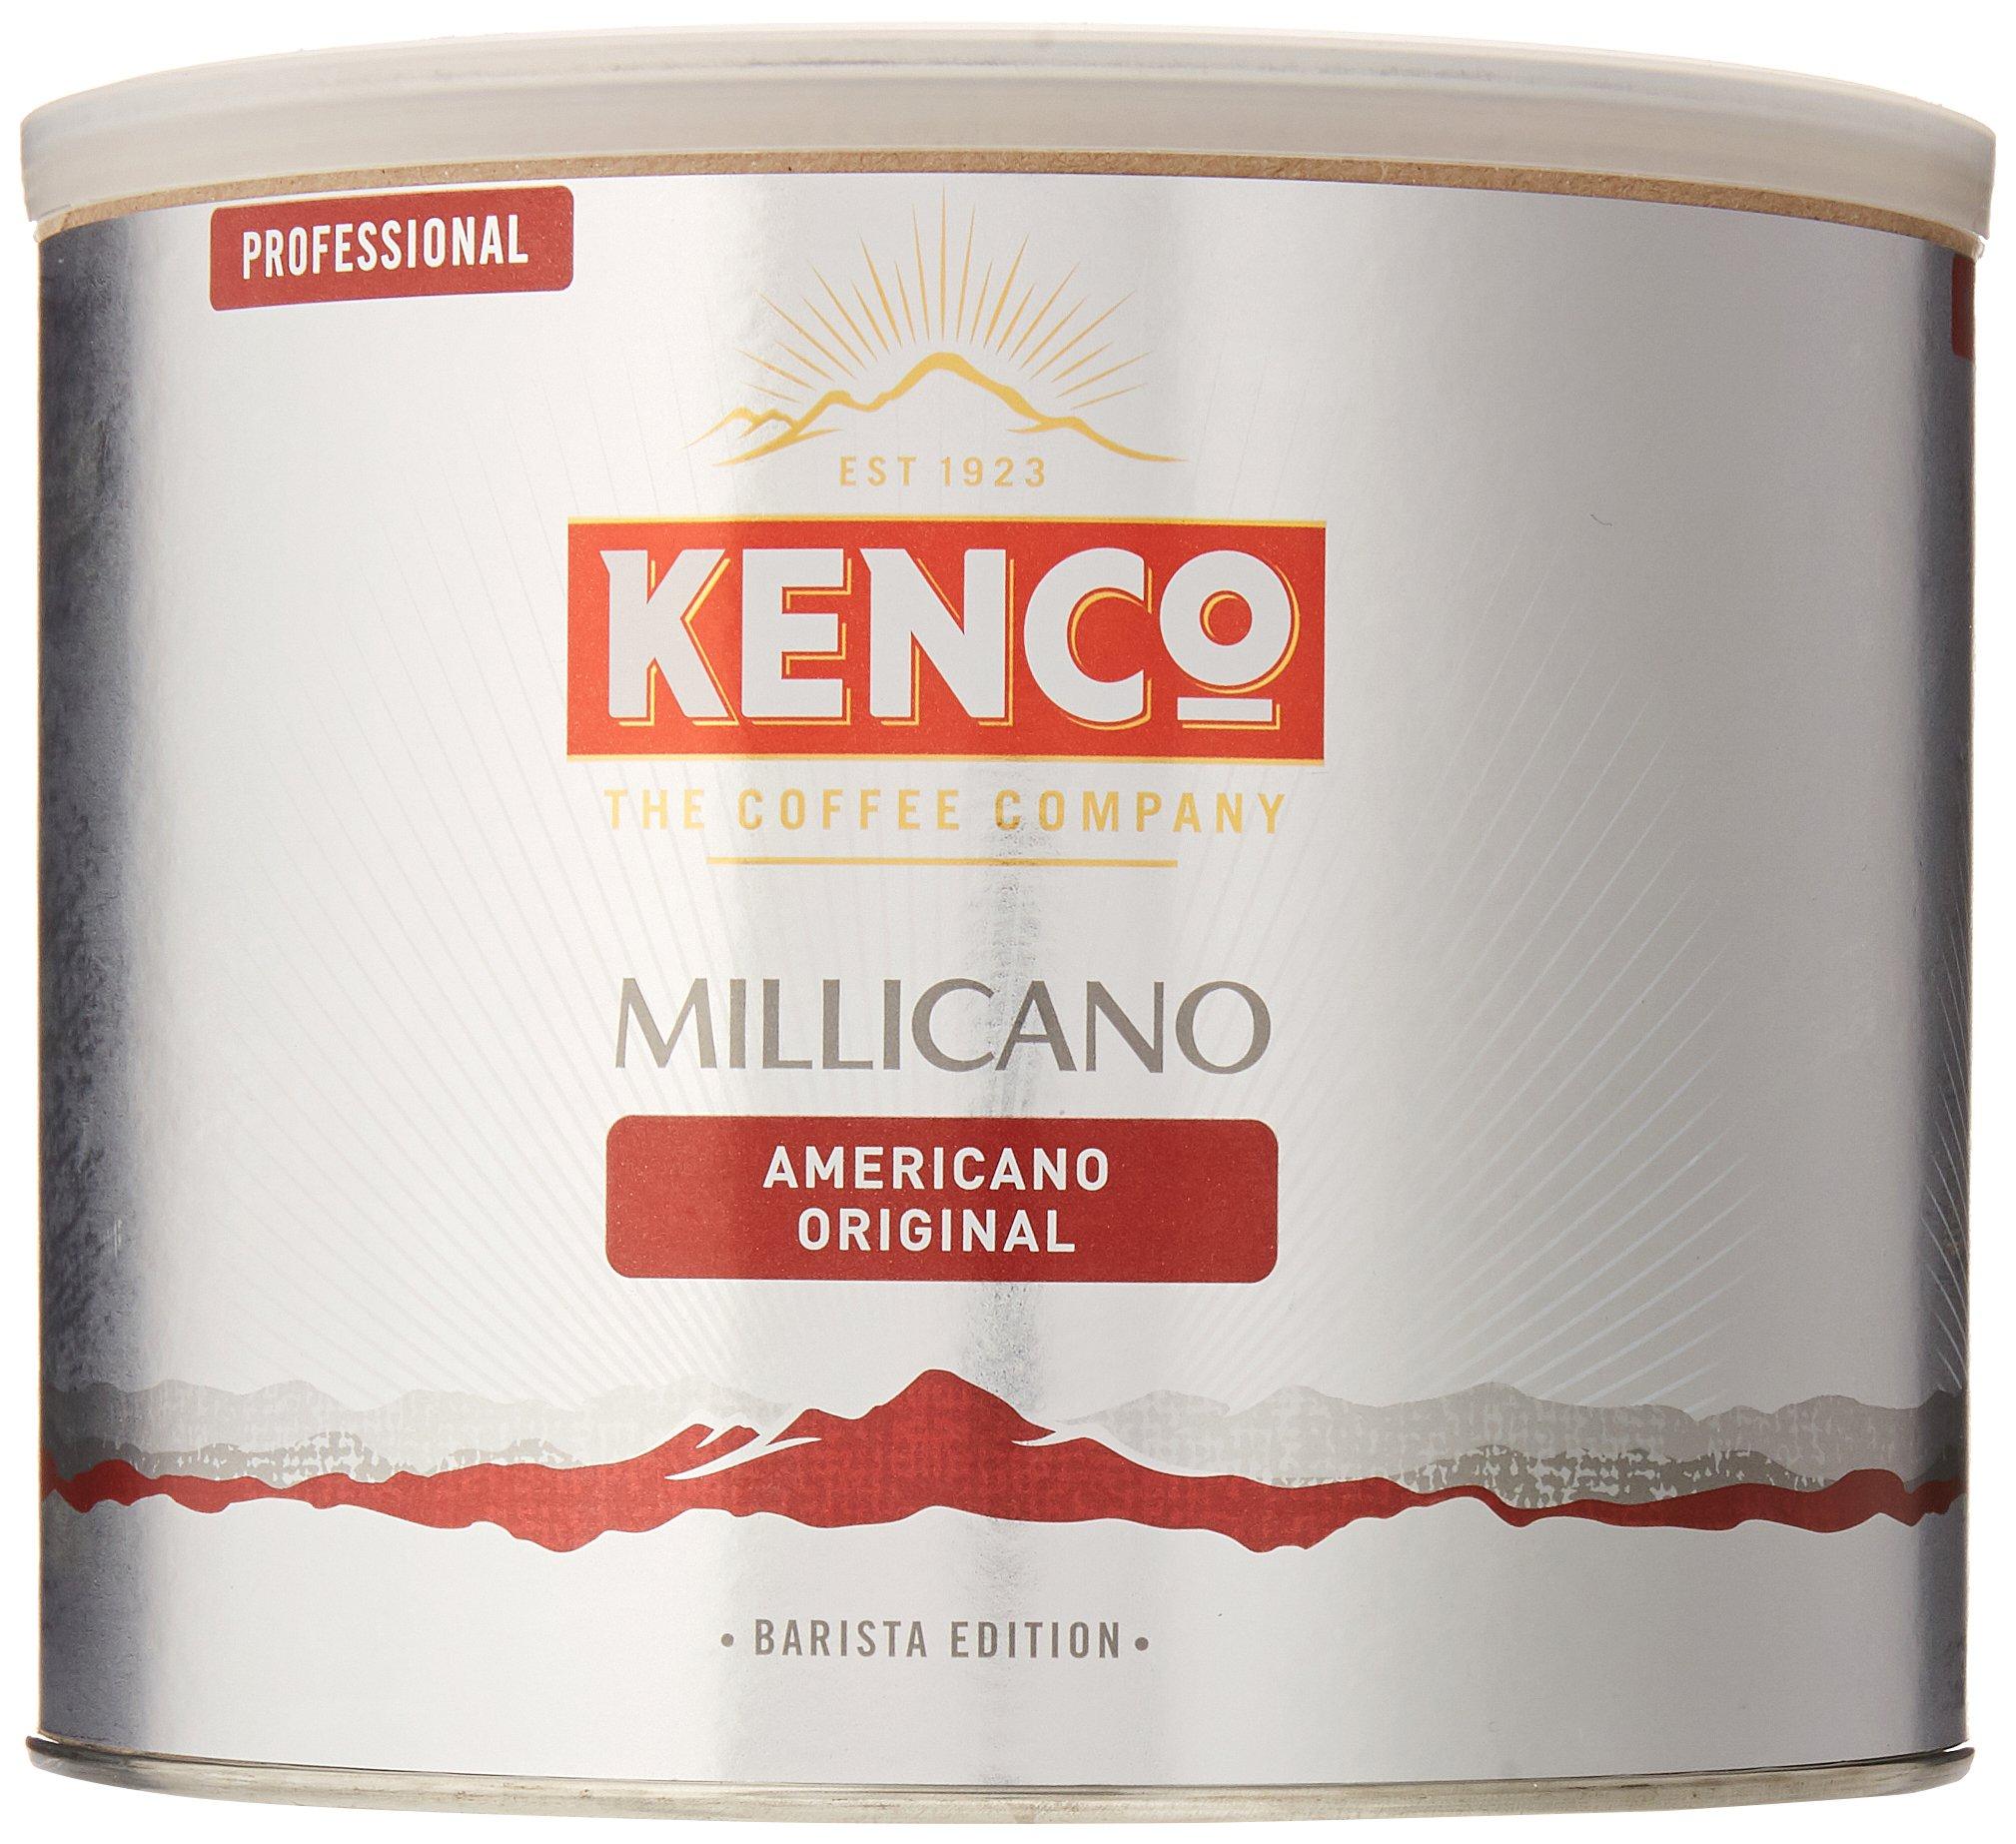 Kenco Millicano Americano Original Tin 500 g